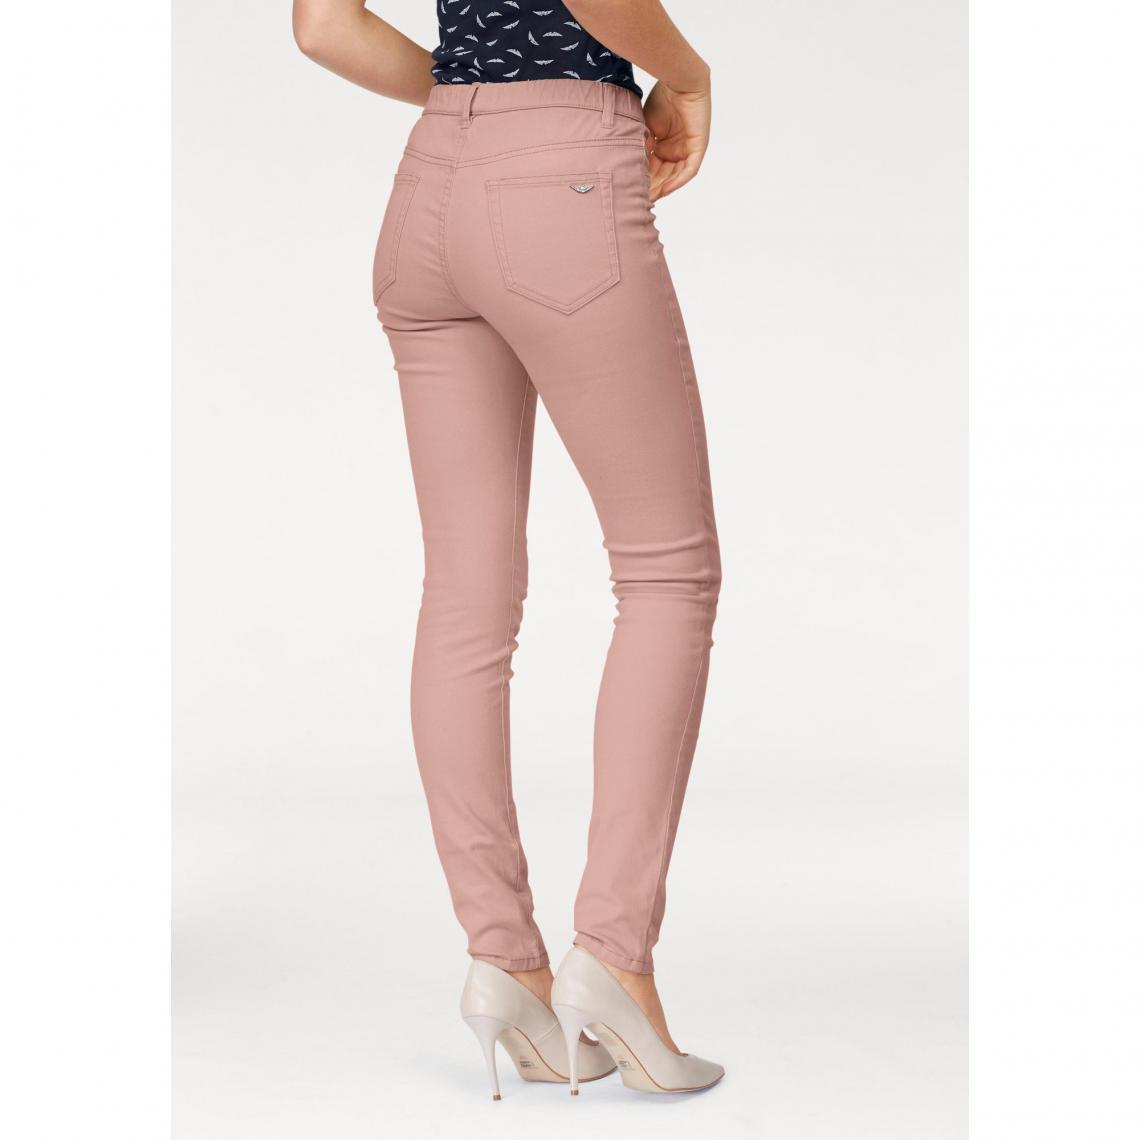 2e46a63da27f Jeans skinny femme 3 SUISSES Cliquez l image pour l agrandir. Jean jegging taille  haute femme Arizona ...